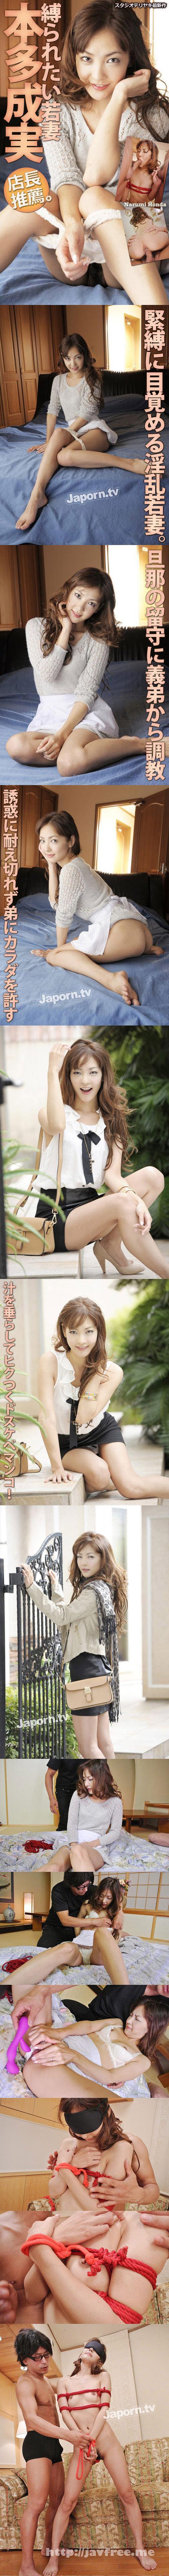 [PT 132] しばられたい願望の若妻 : 本多成実 本多成実 PT Narumi Honda